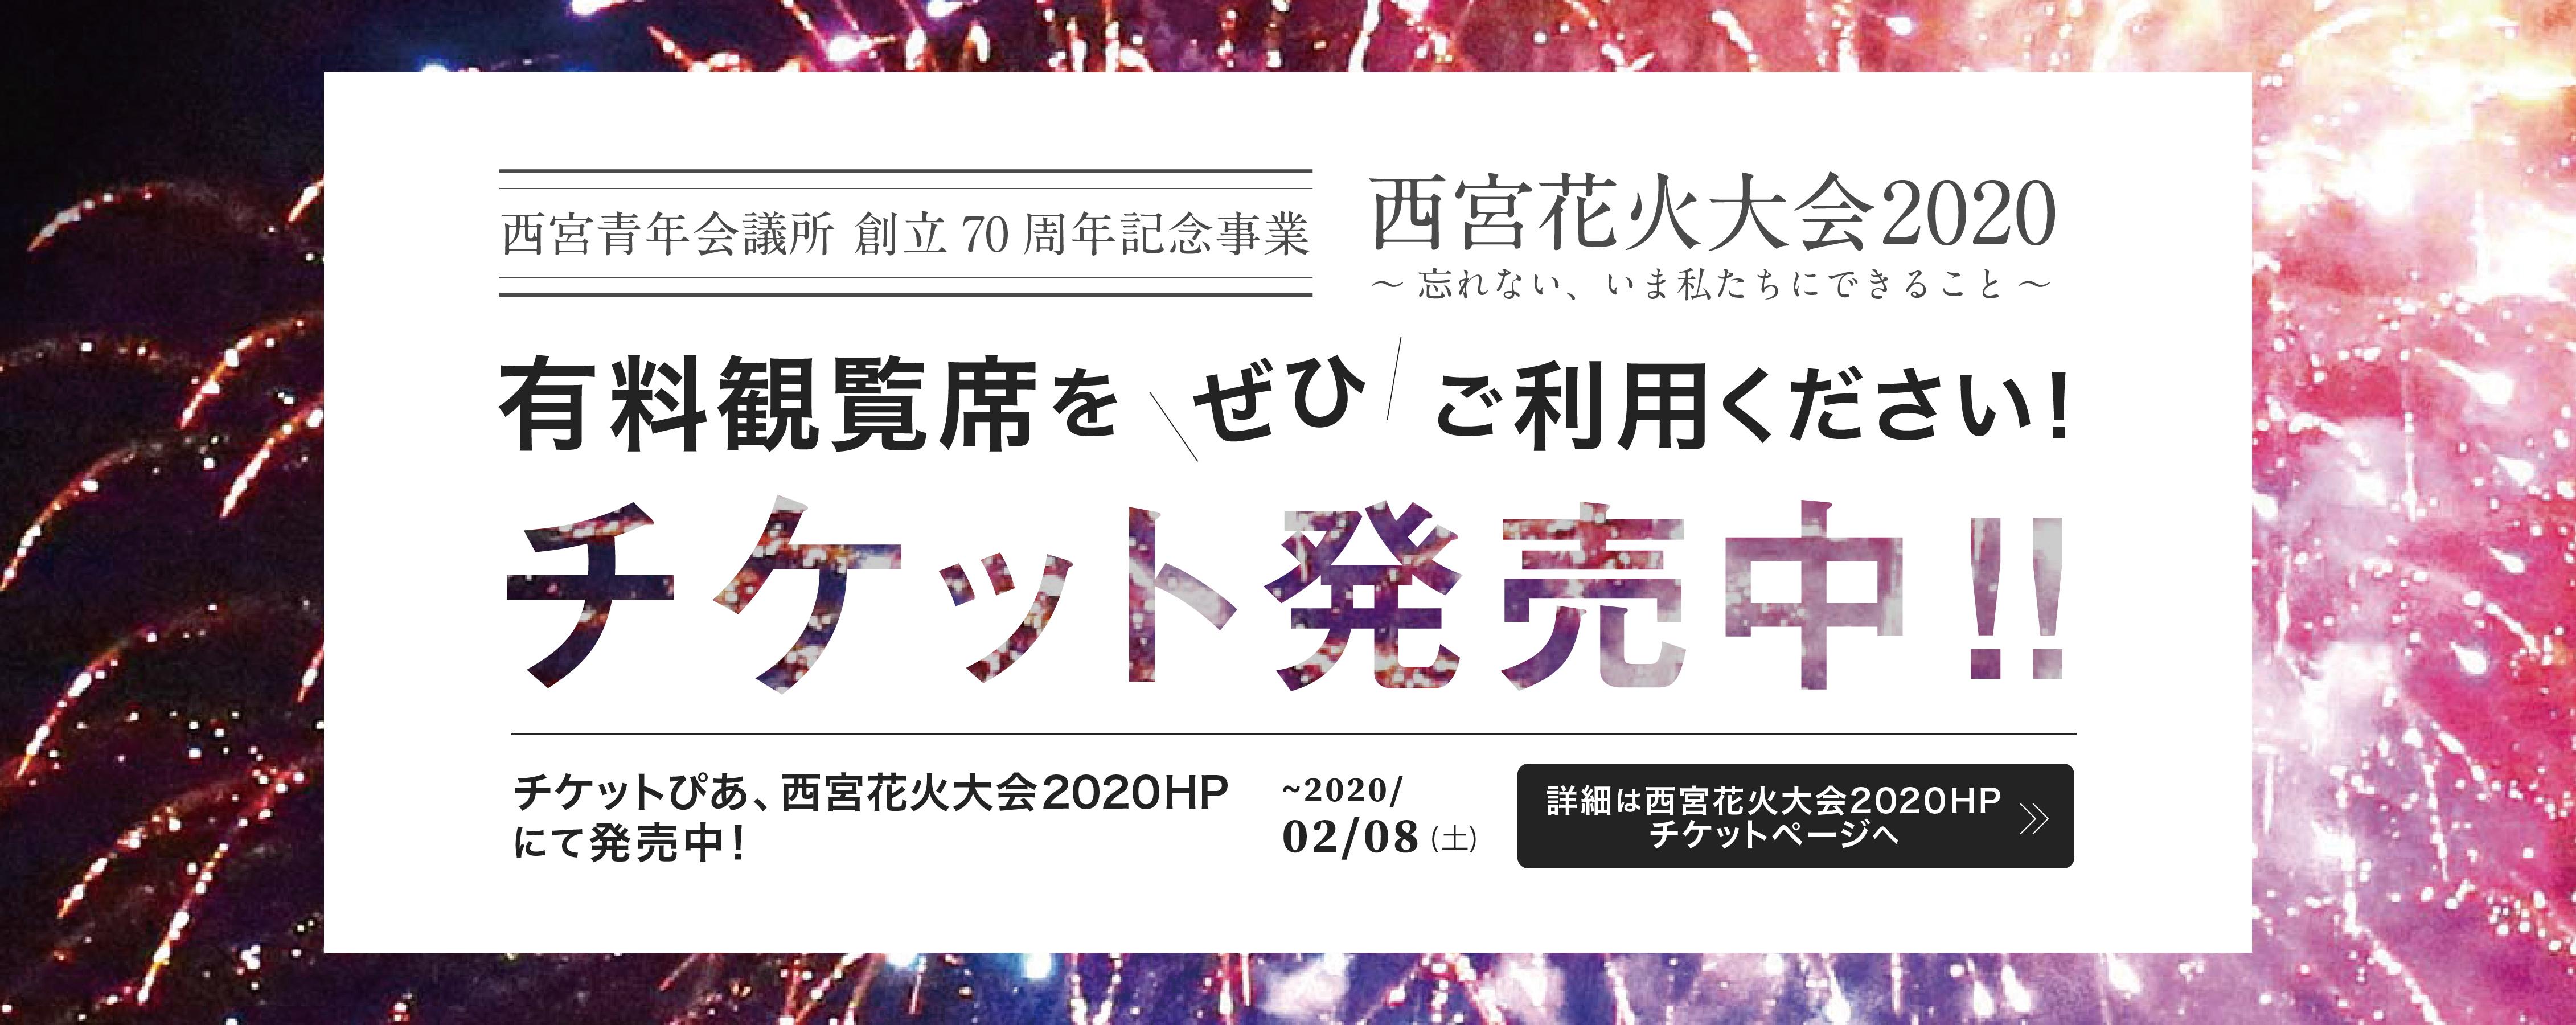 西宮花火大会2020有料観覧チケット発売中